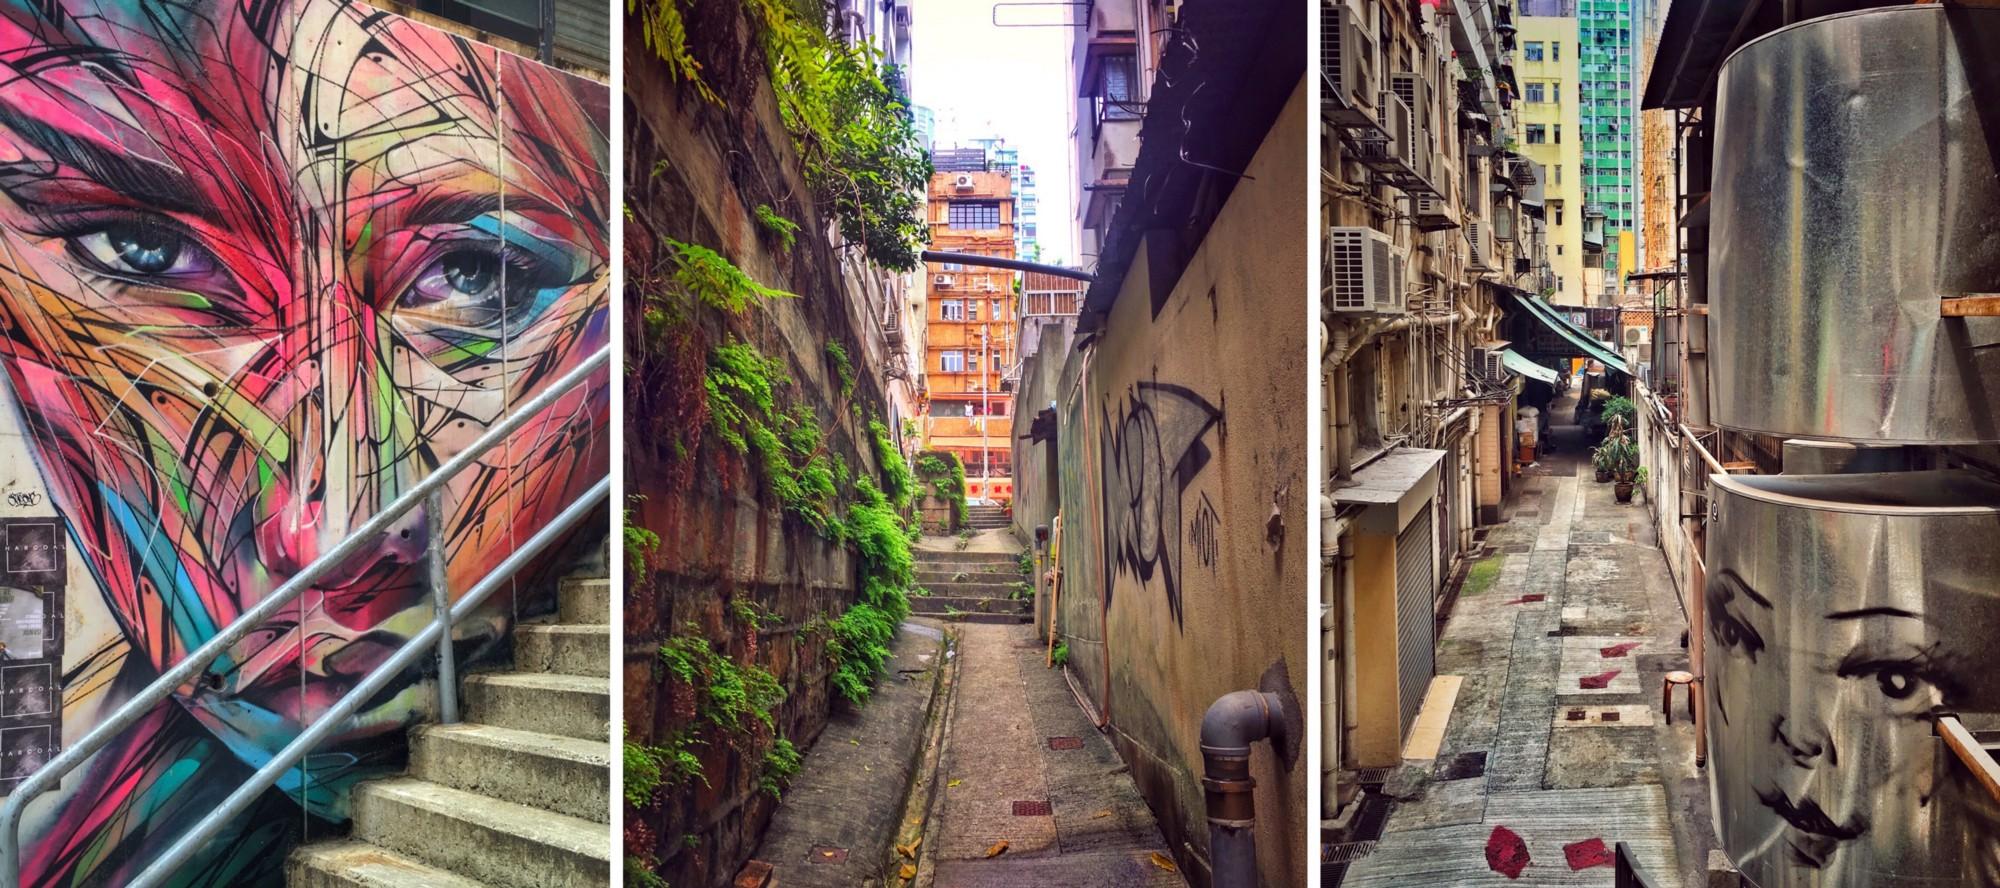 Alleys and graffiti in Soho, Hong Kong Island